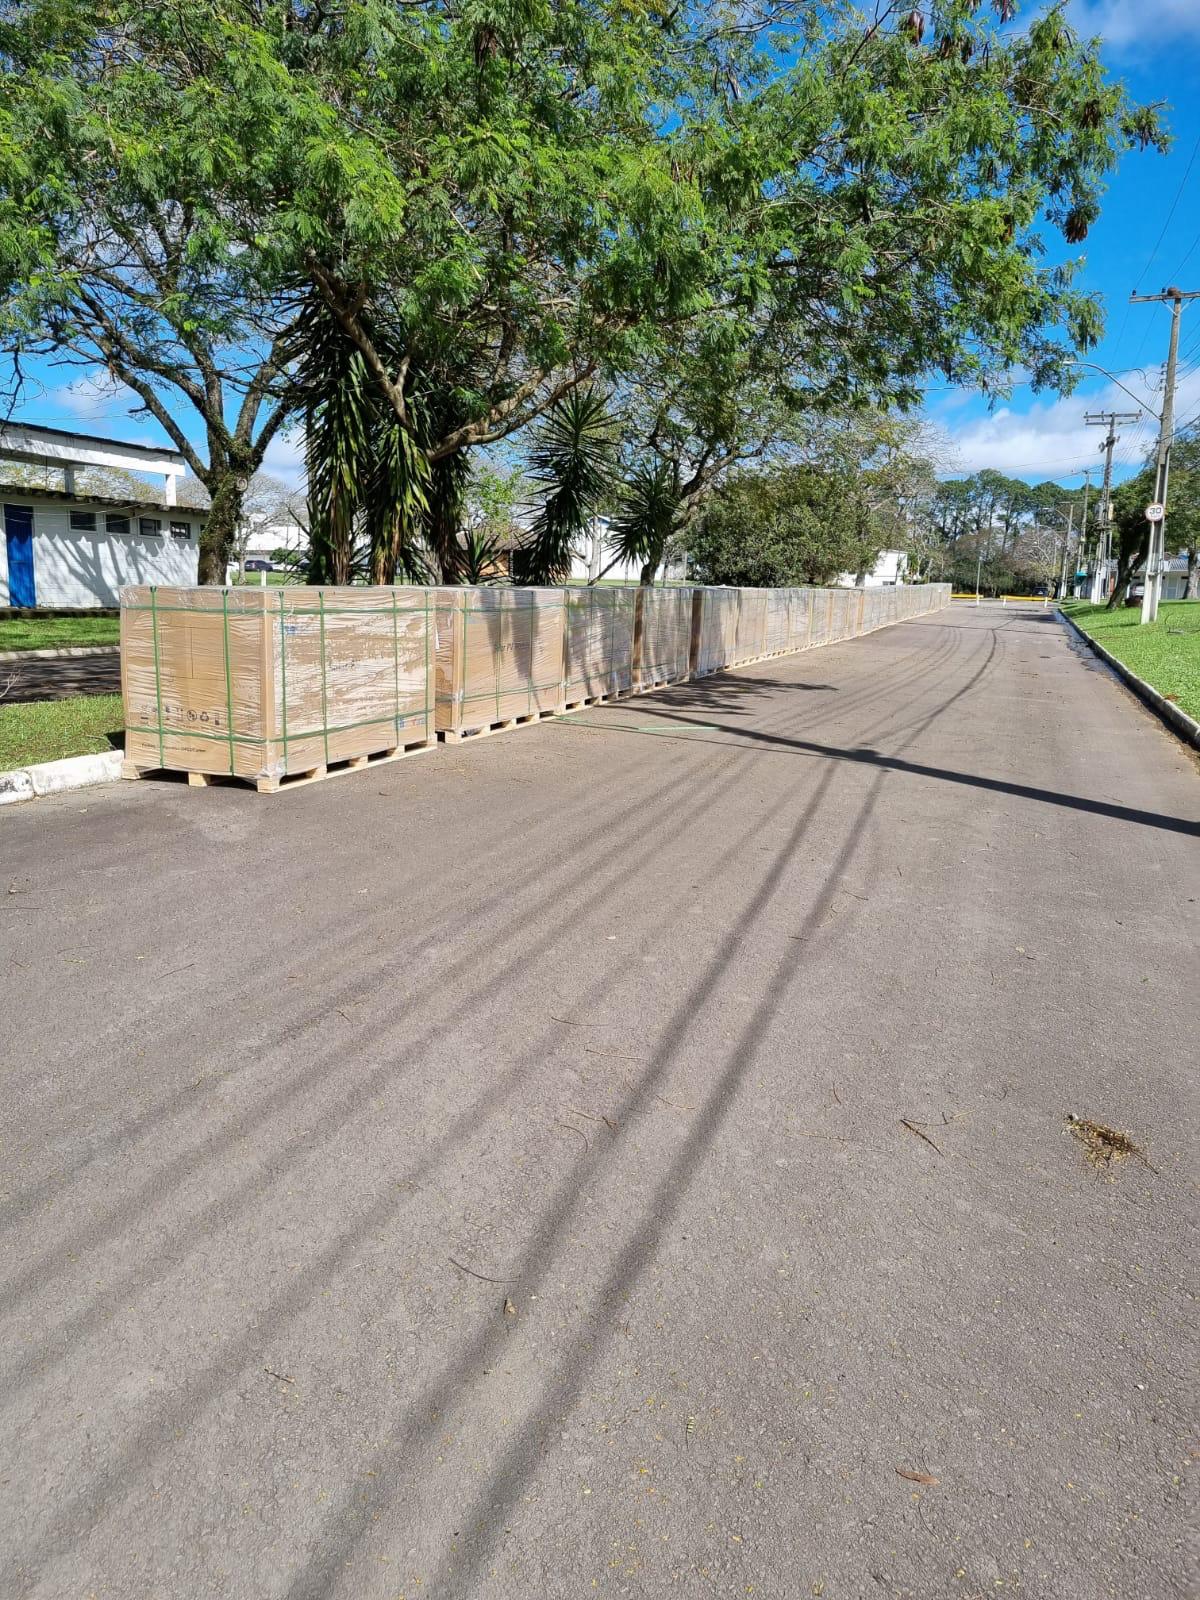 foto vertical colorida mostra uma rua asfaltada do centro de eventos, e sob árvores estão alinhadas várias caixas de grande porte com os equipamentos a serem instalados